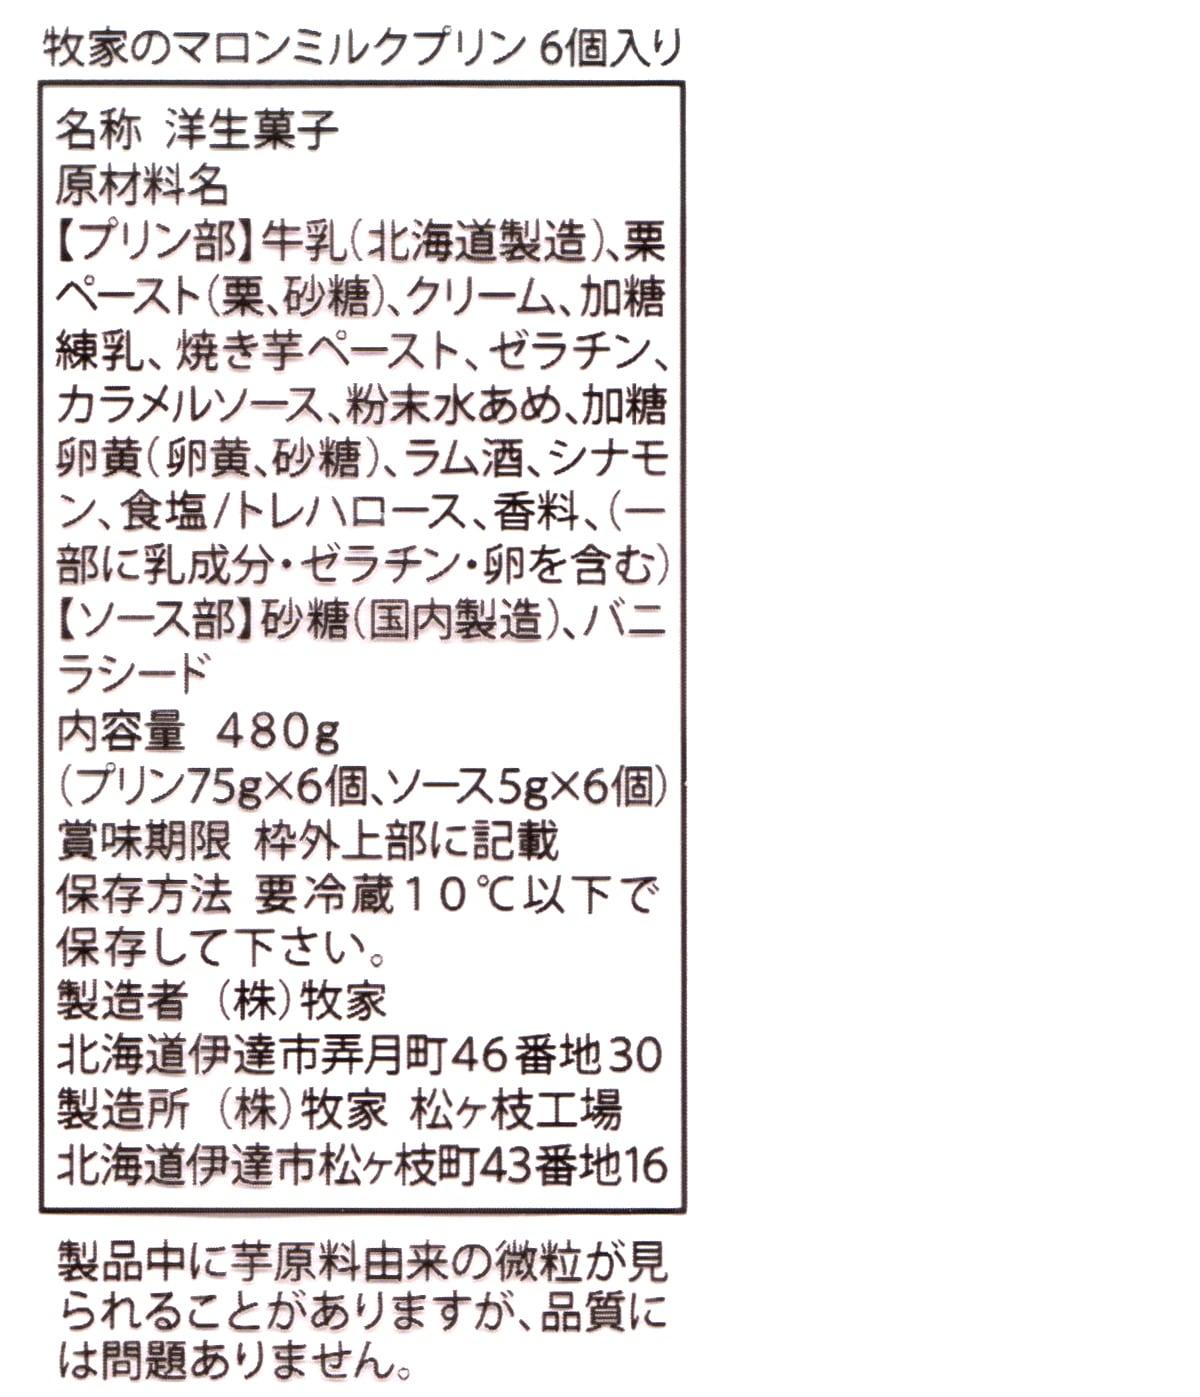 牧家 マロンミルクプリン 6個入り 裏面ラベル(原材料ほか)